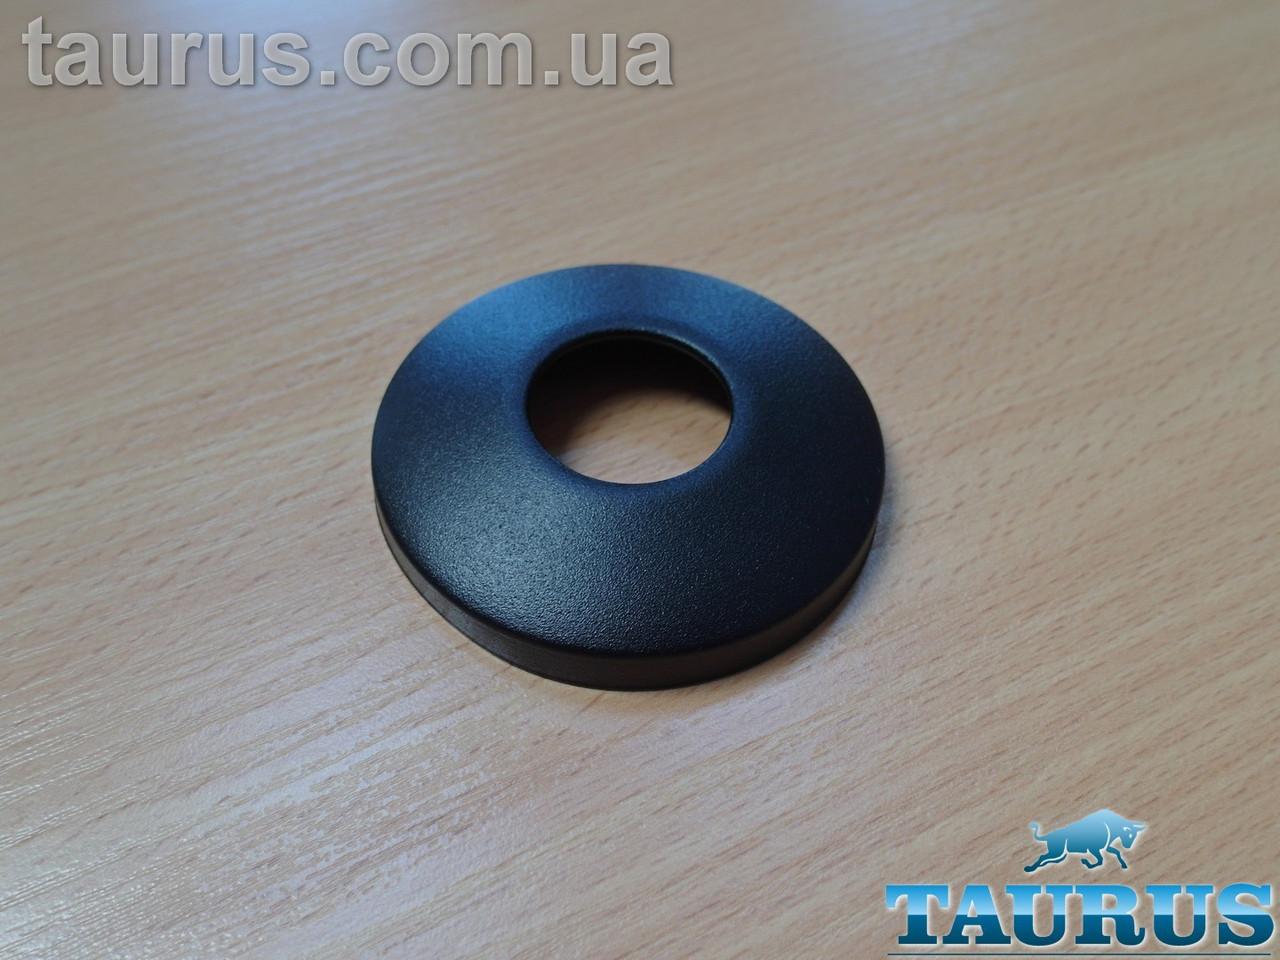 """Круглый чёрный сферический декоративный фланец D70 / высота 14 мм Black, внутренний размер 3/4"""" (D25 мм)"""